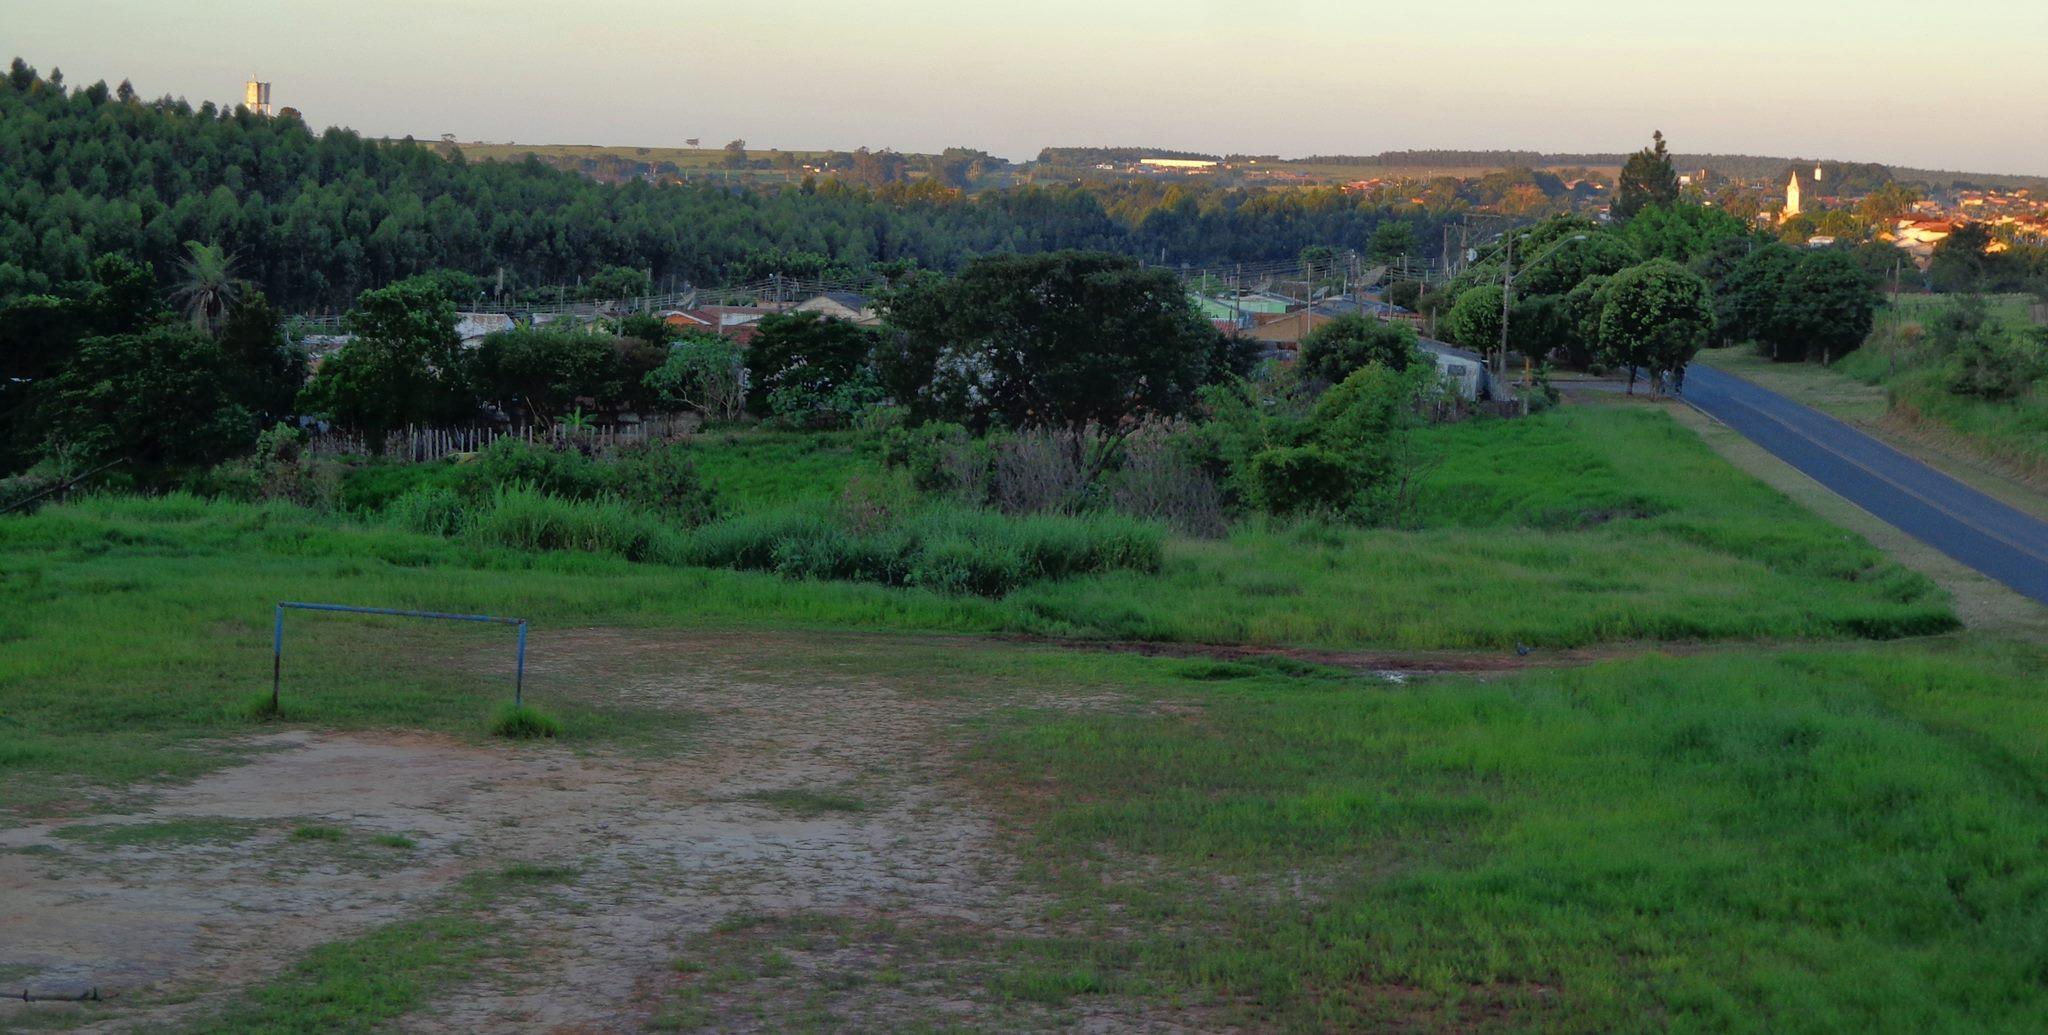 """Essa foto foi tirada de cima da linha do trem, mais ou menos onde a """"bola de fogo"""" foi observada. É possível visualizar as casas, a vicinal e o barranco do outro lado da pista. Cortesia do """"Dotô"""" Newton Oliveira"""